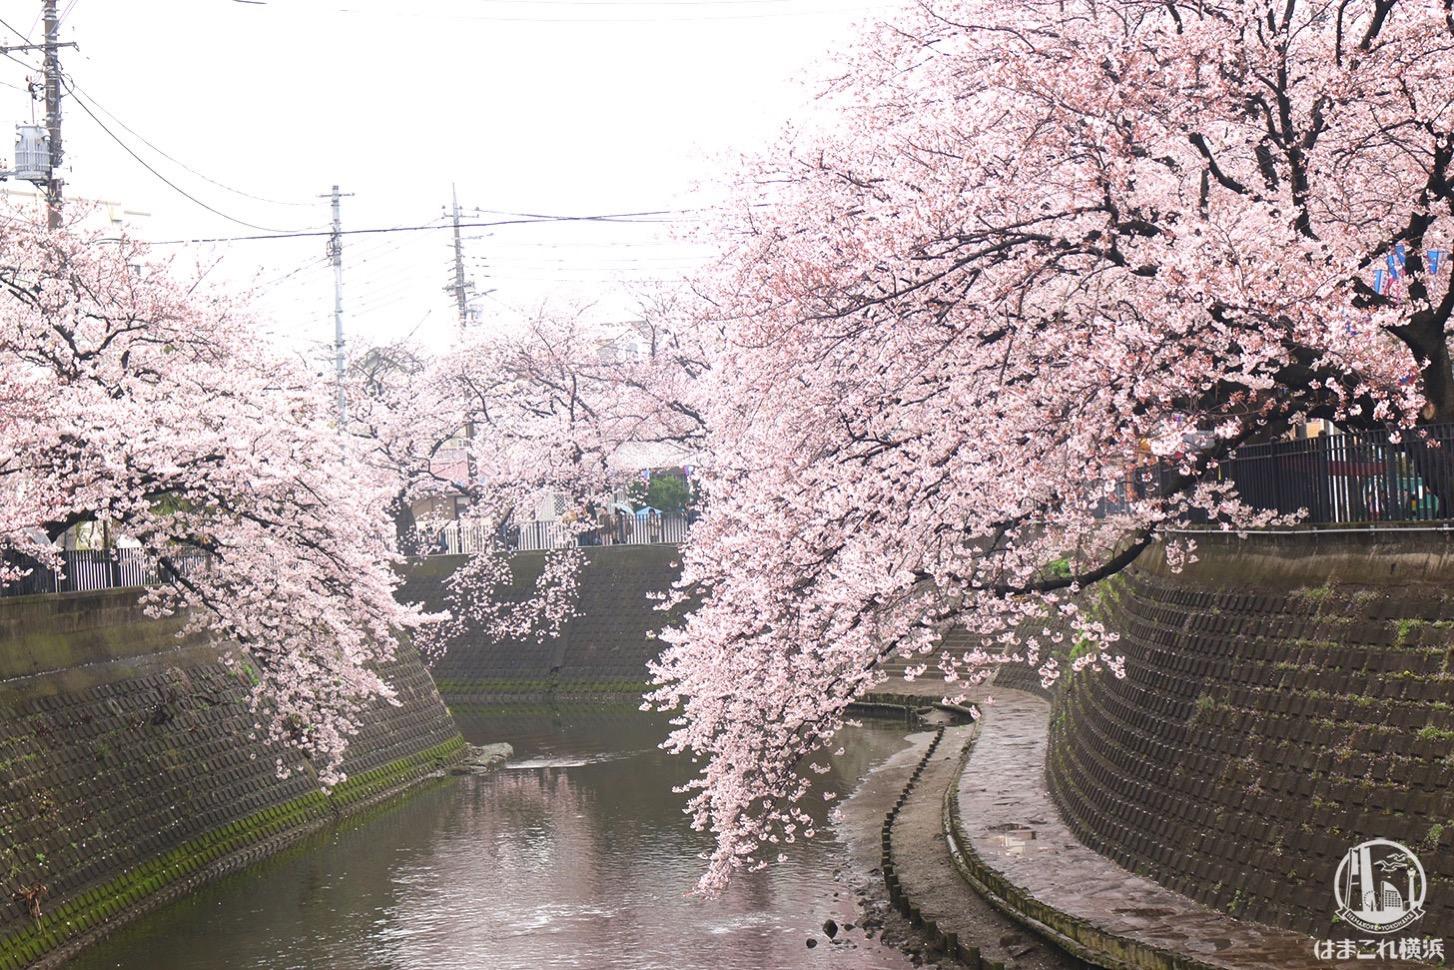 神奈川・大岡川の桜は絶対に見るべき!桜並木3.5キロのおすすめお花見スポット width=